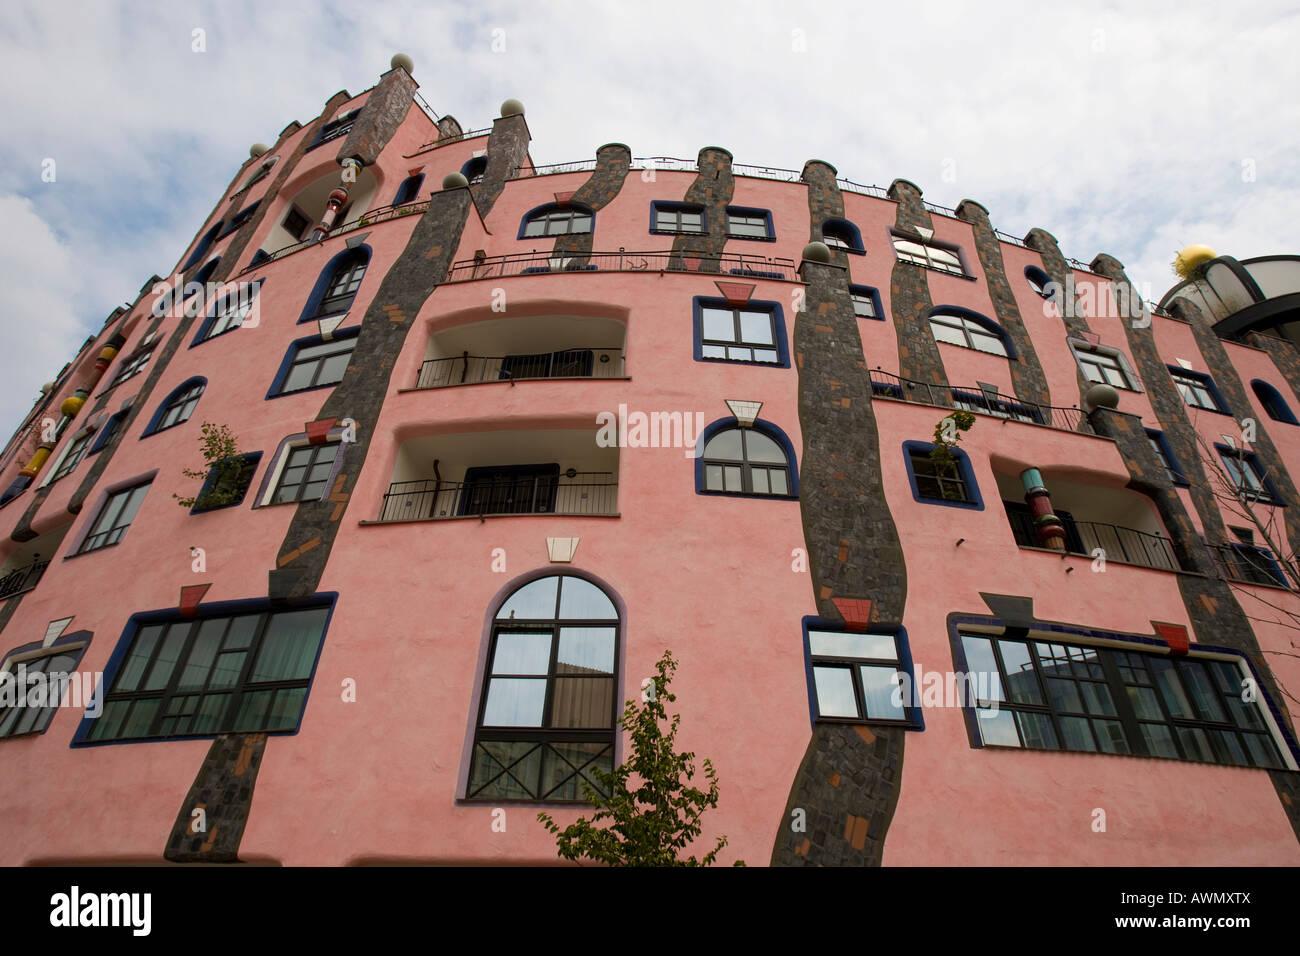 Architektur Magdeburg die grüne zitadelle entworfen vom architekten hundertwasser